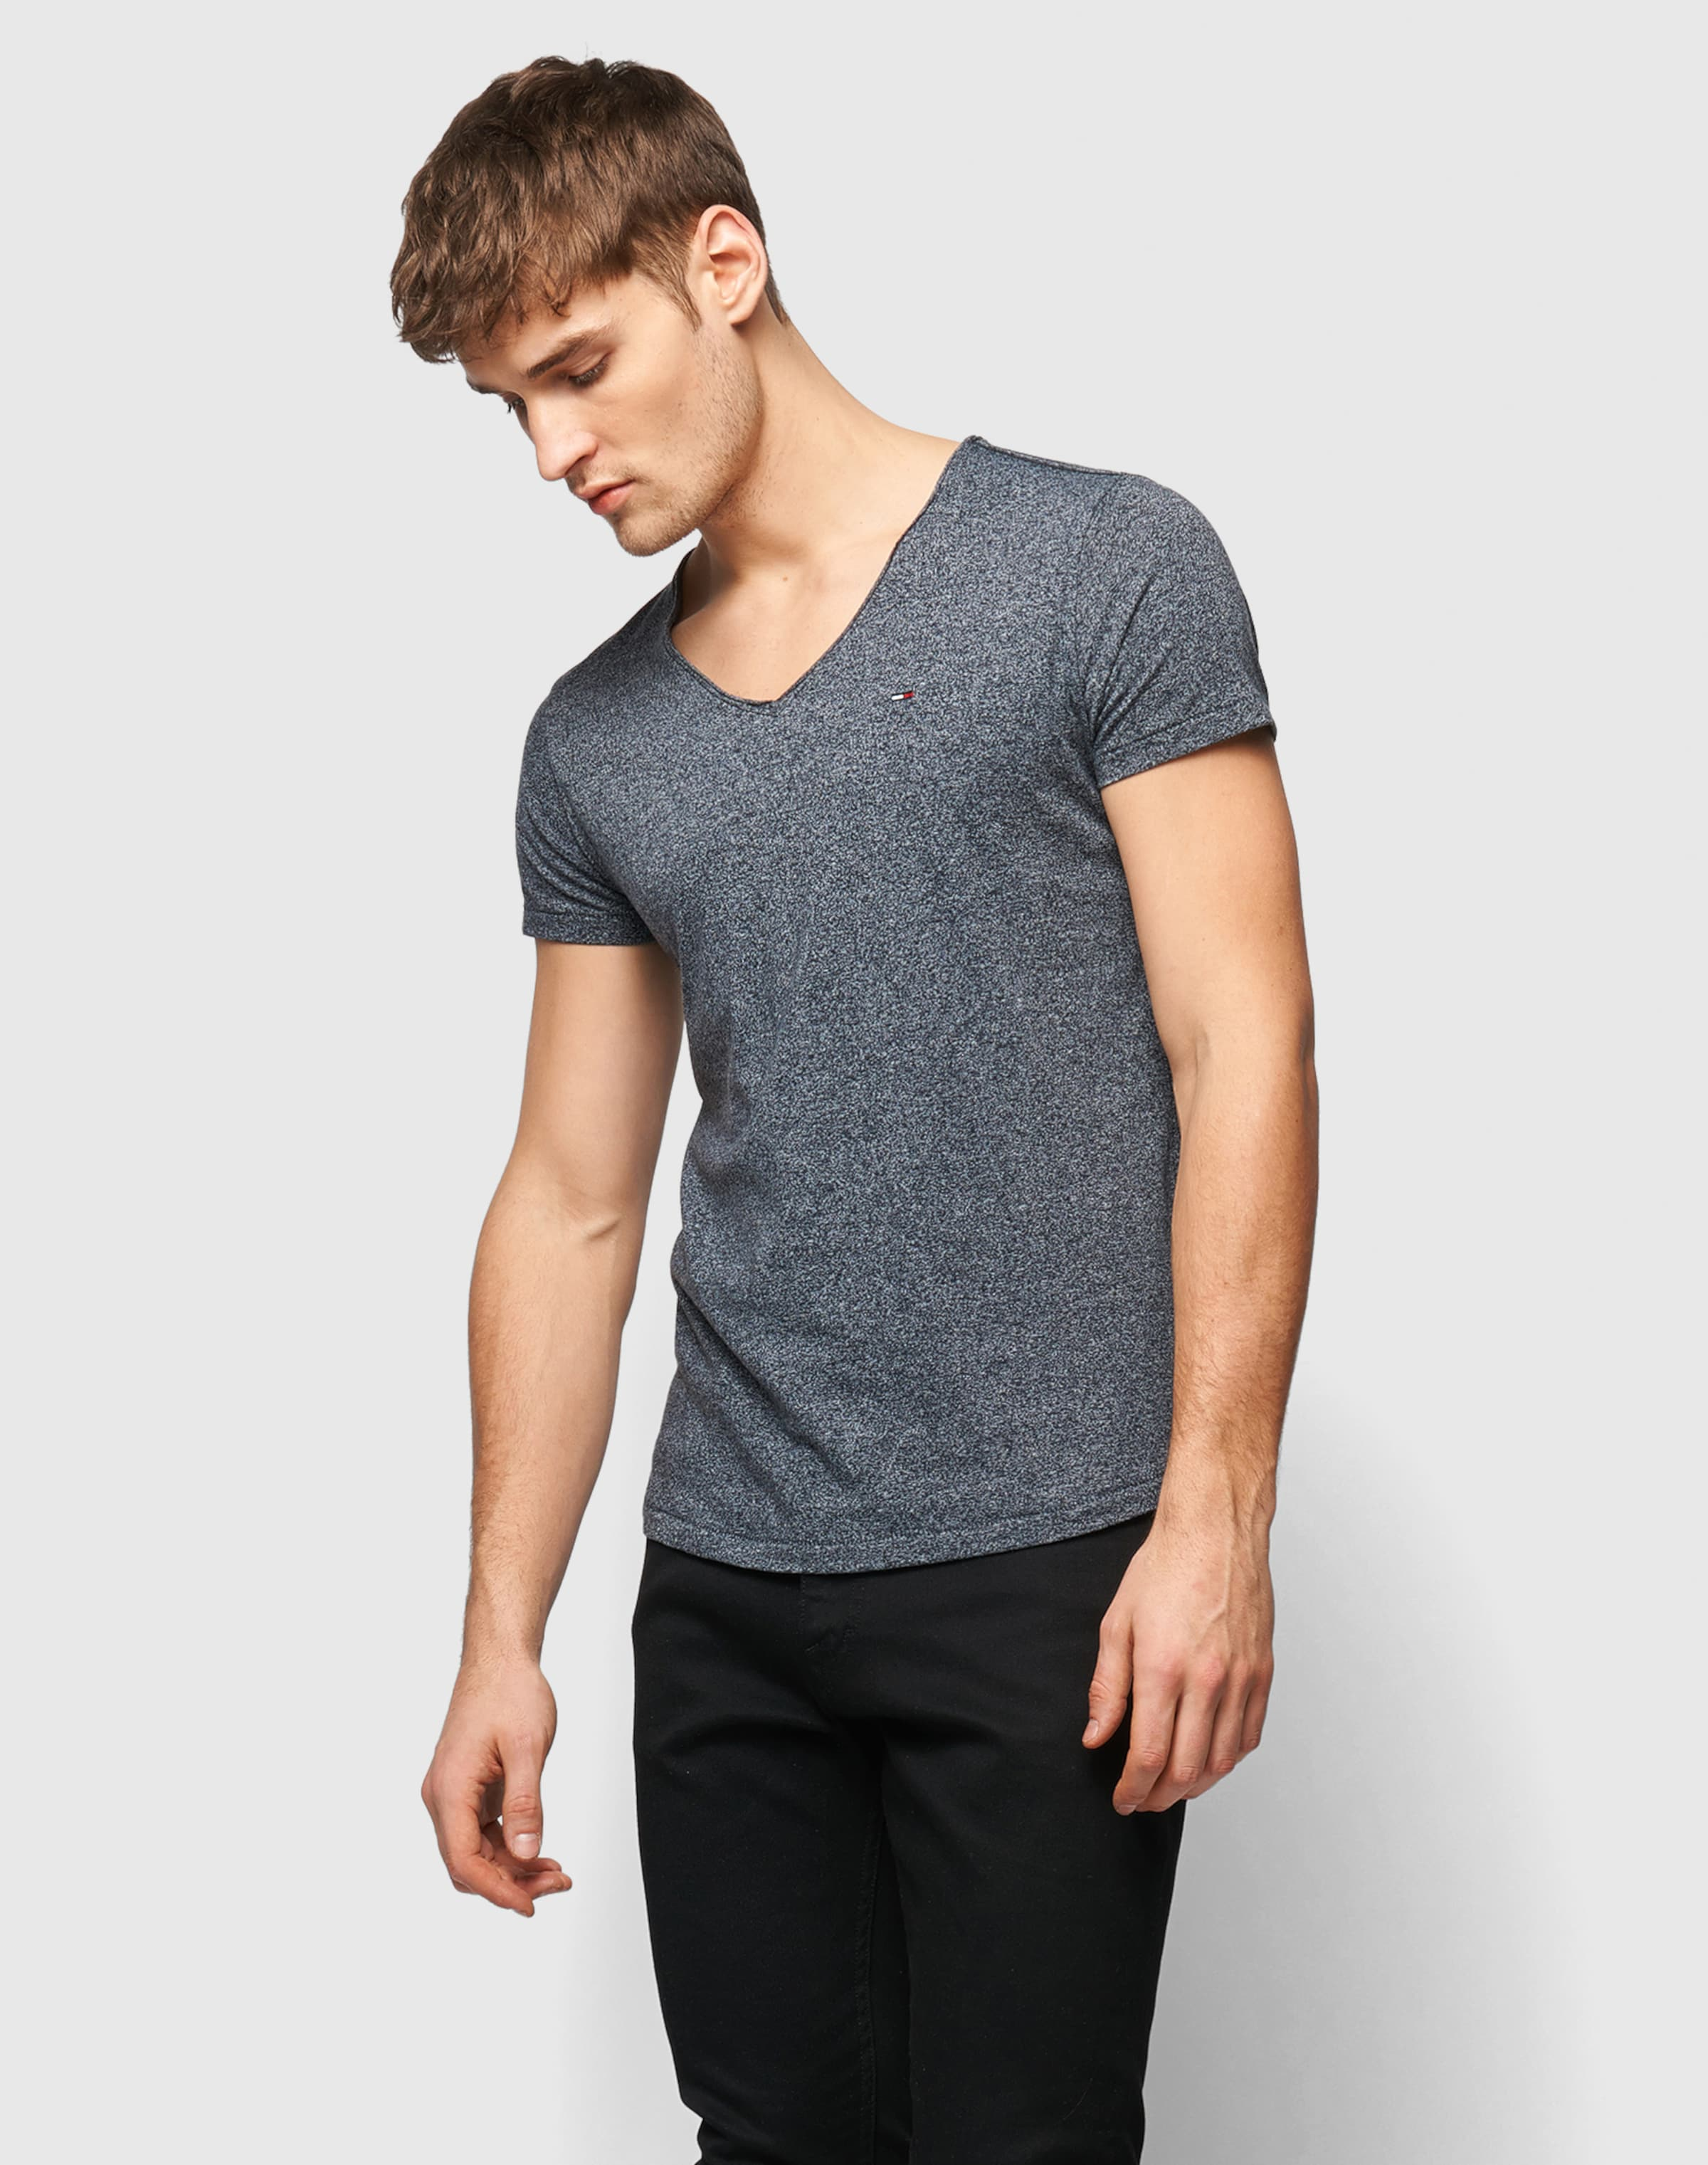 Tommy Jeans T-Shirt in Melange-Optik Visa-Zahlung Verkauf Online Rabatt Günstiger Preis 2018 Günstig Online Rabatt Footlocker Verkauf Wählen Eine Beste ZZQDvGep4